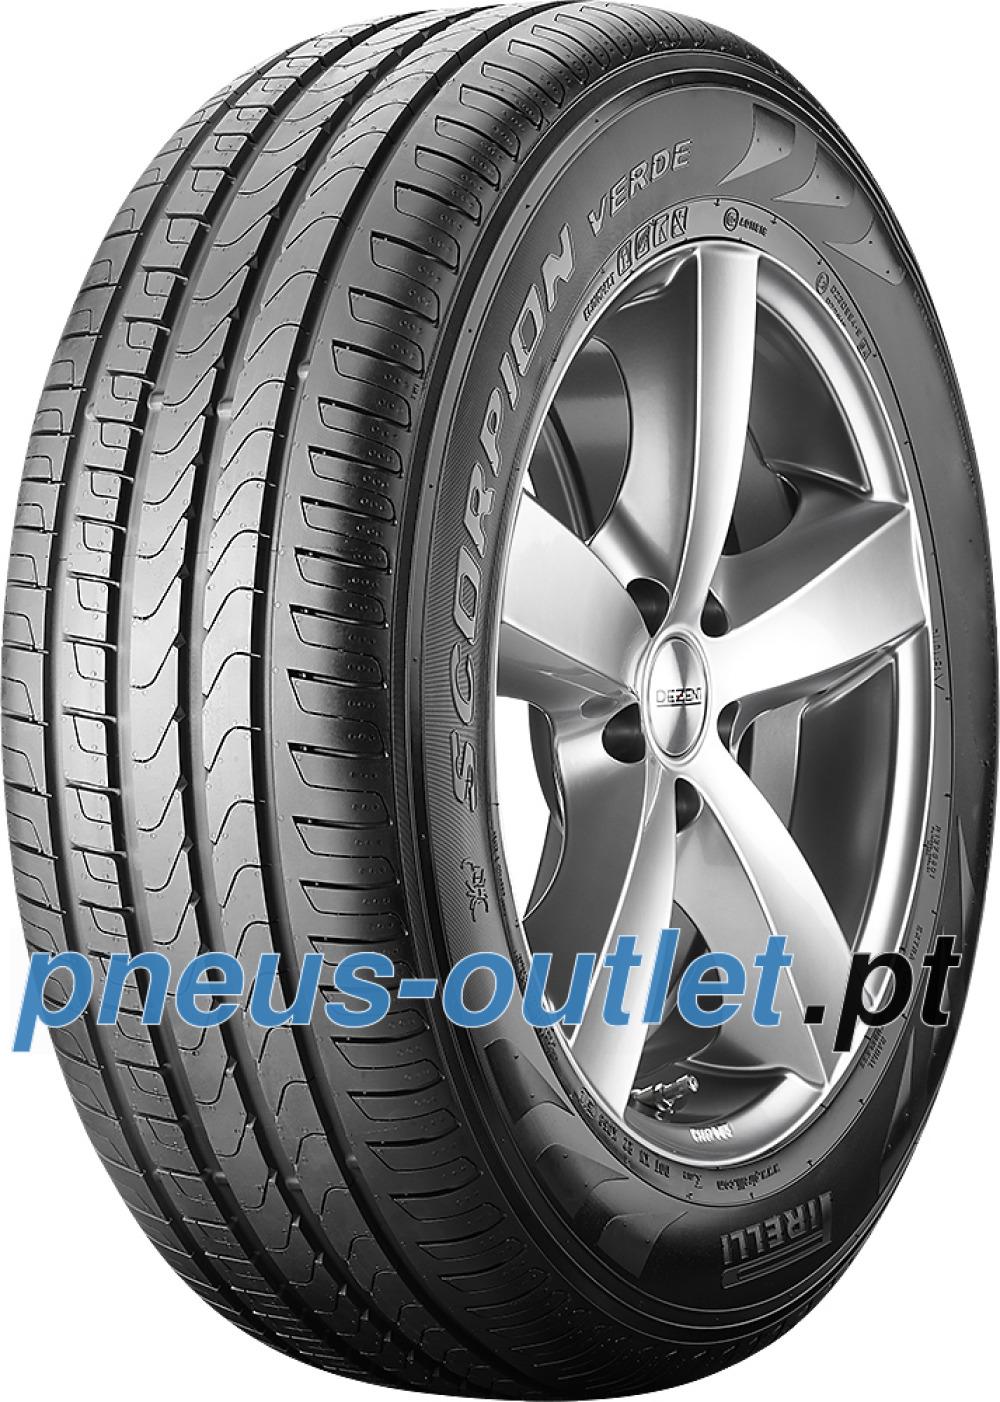 Pirelli Scorpion Verde ( 225/55 R18 98V ECOIMPACT, com protecção da jante (MFS) )